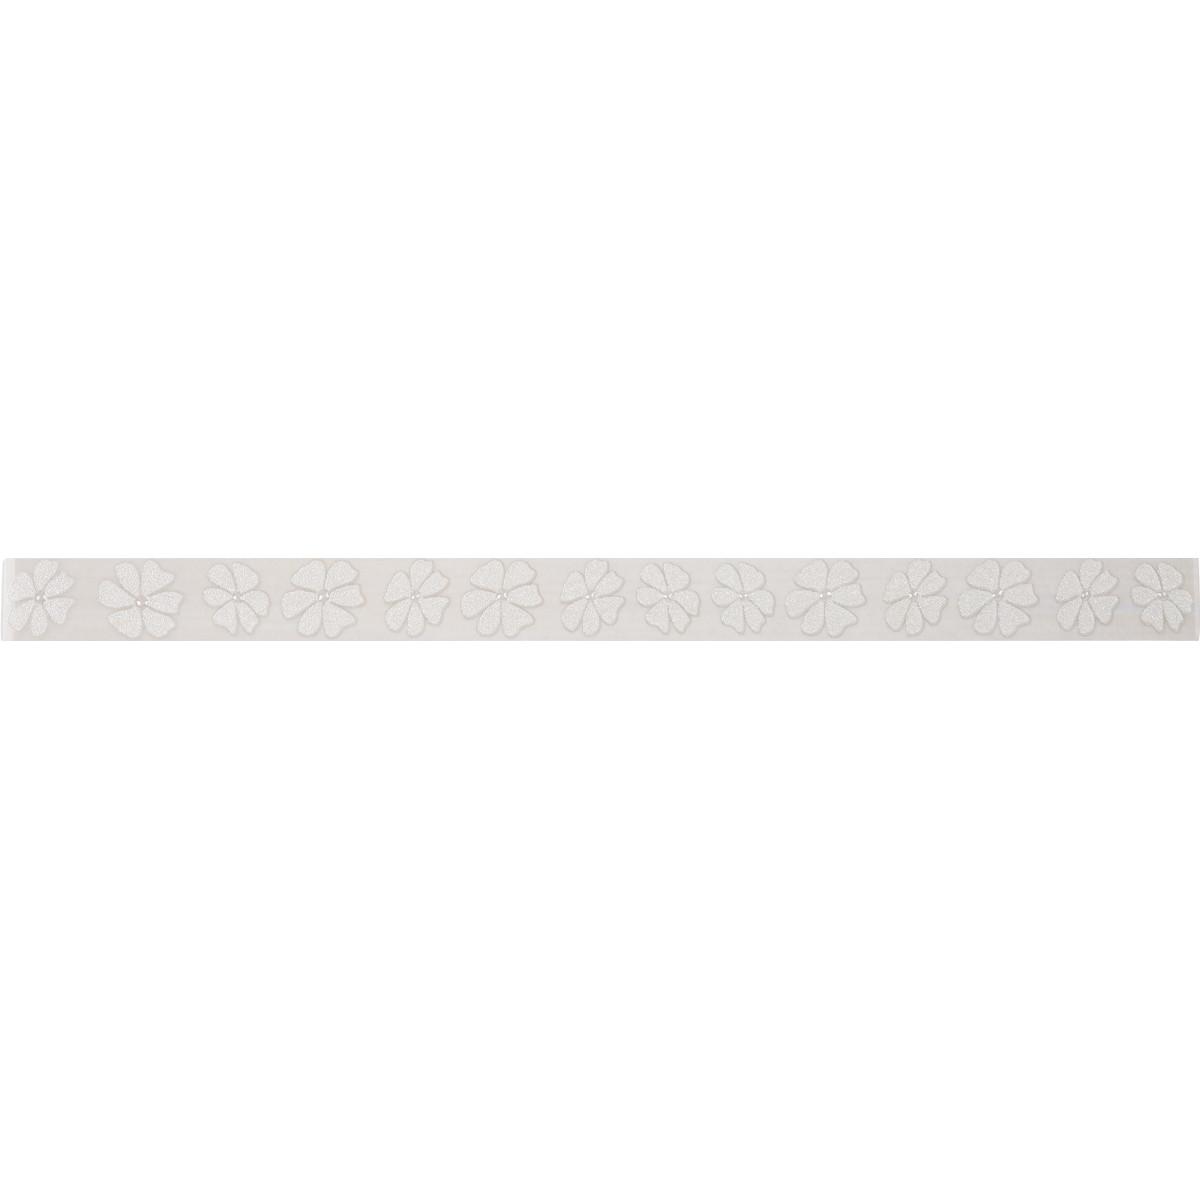 Бордюр «Шарм» 40х2.5 см цвет бежевый